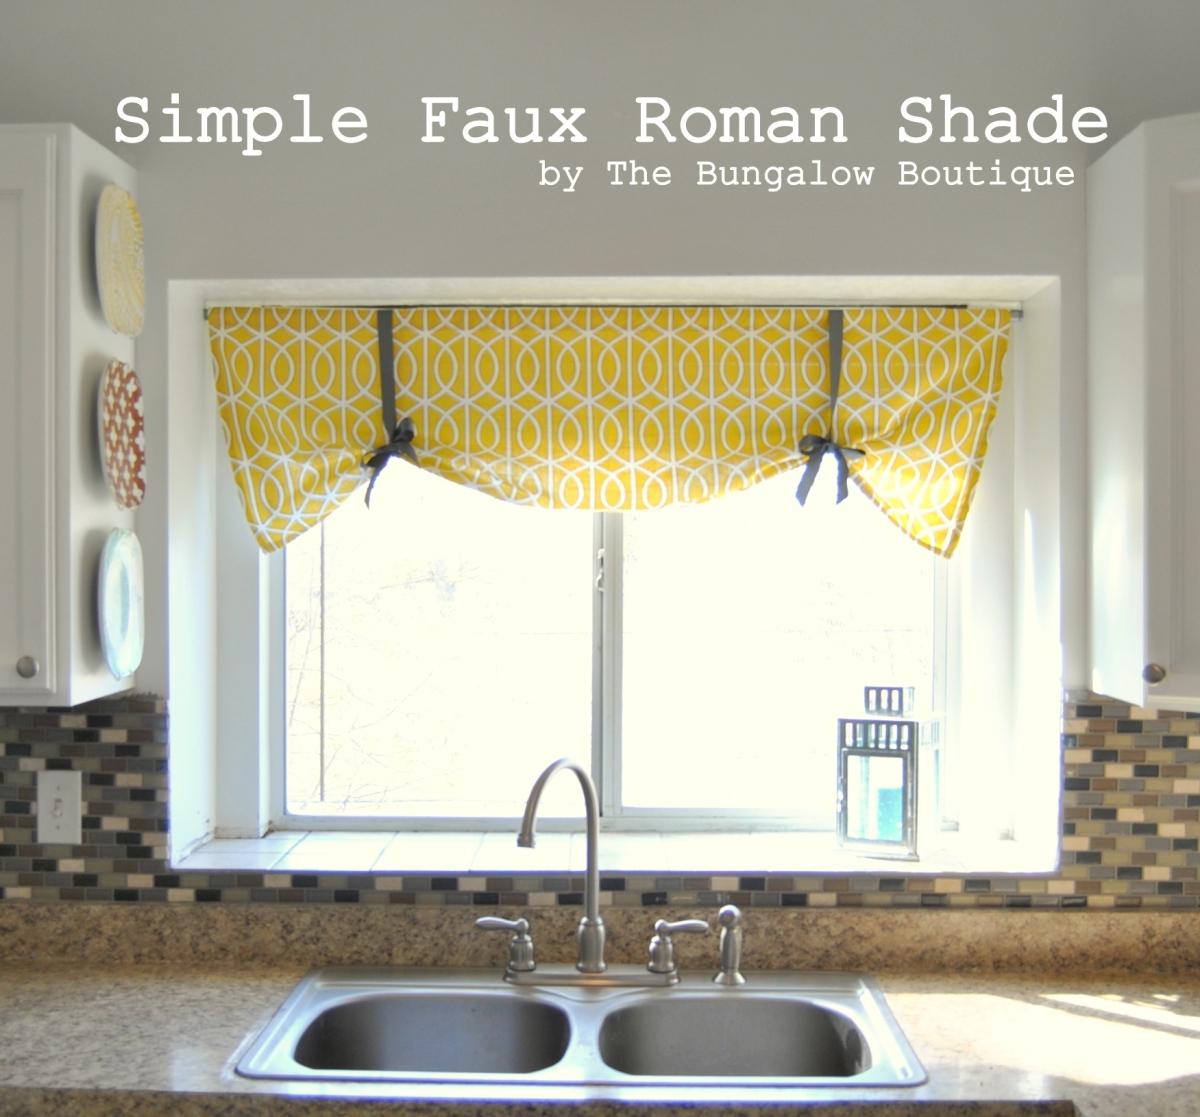 Simpe-faux-roman-shade